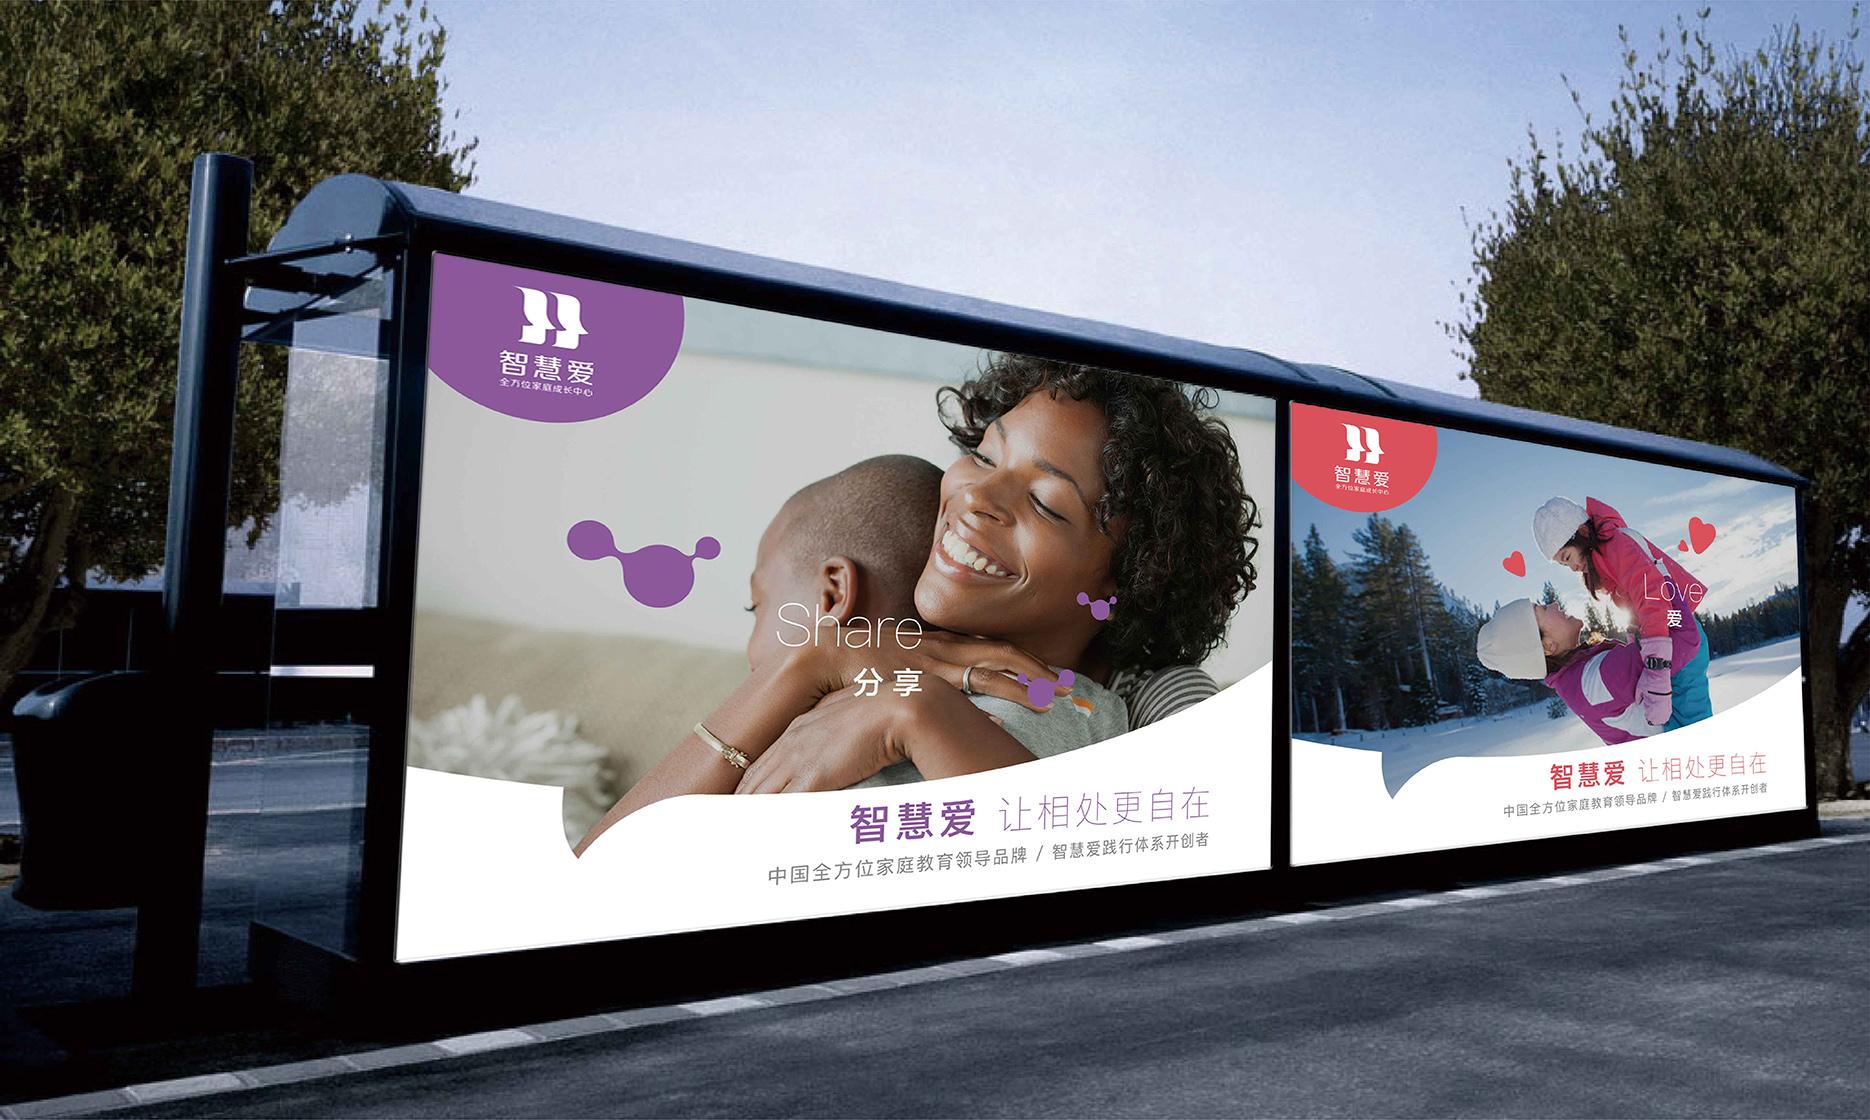 智慧爱全方位家庭成长中心品牌全案升级:公交站台广告